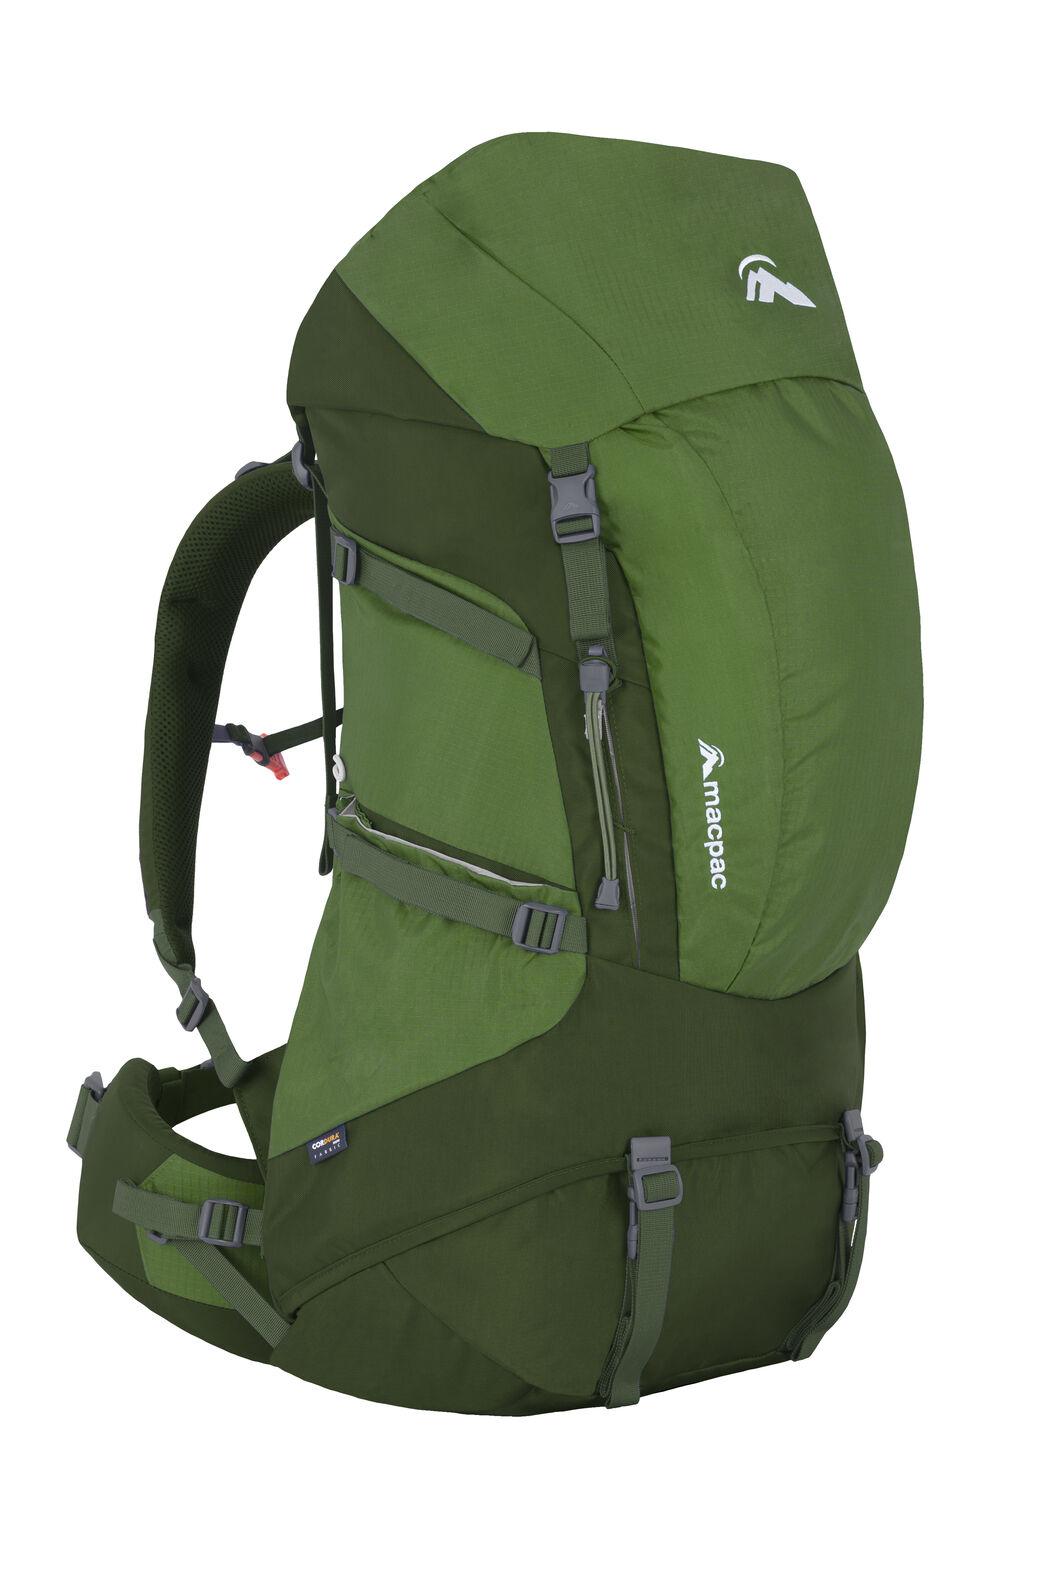 Macpac Torlesse 65L Pack, Cactus, hi-res